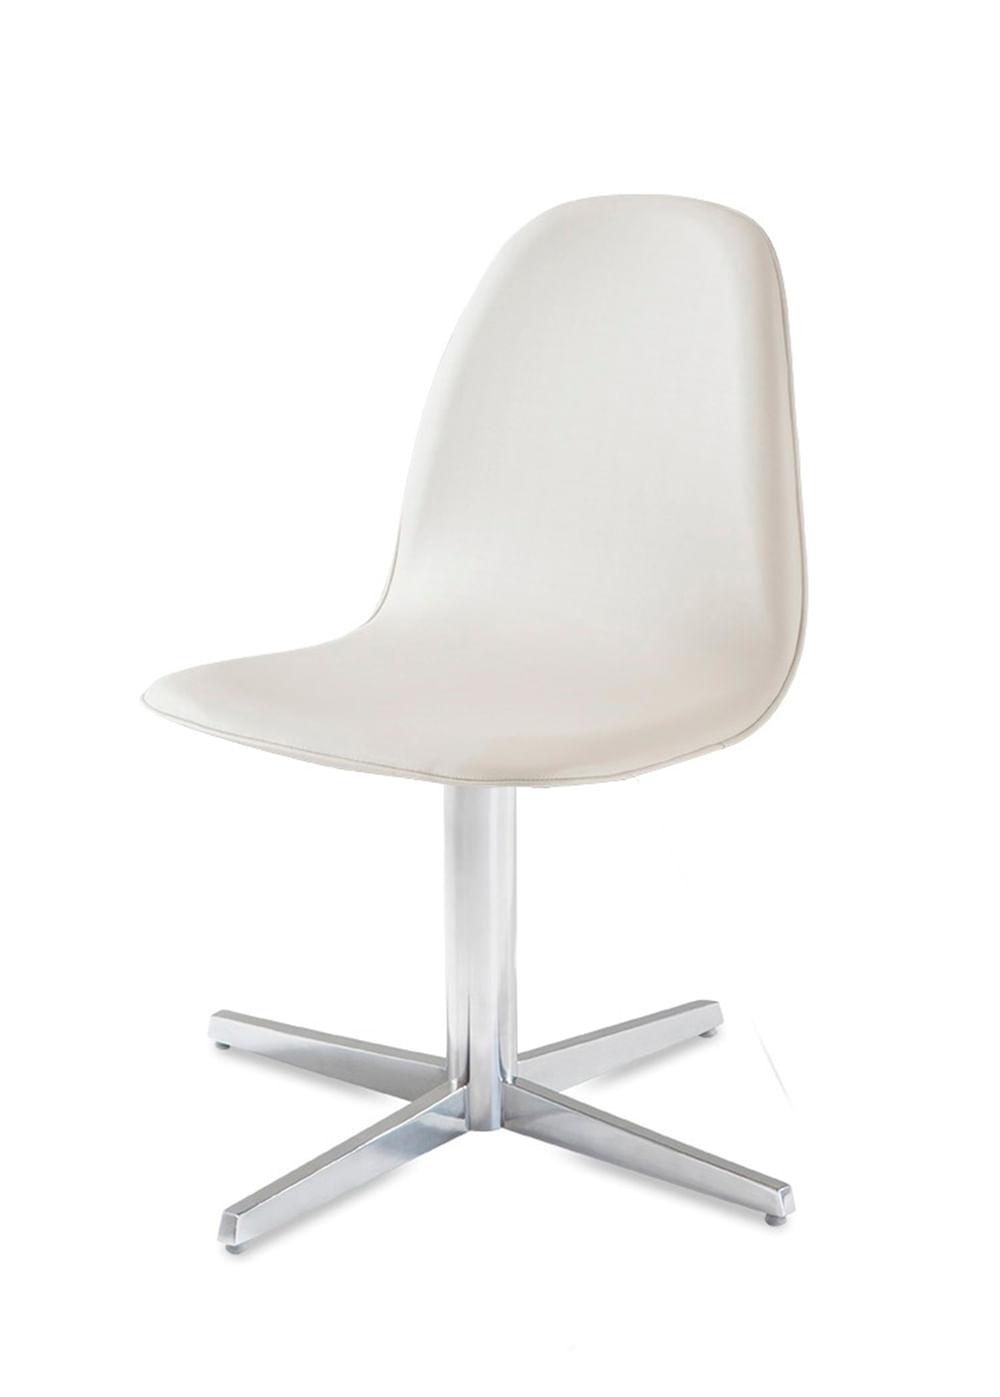 Cadeira Boom Assento Estofado Dunas Branco com Base Aranha em Aluminio - 46907